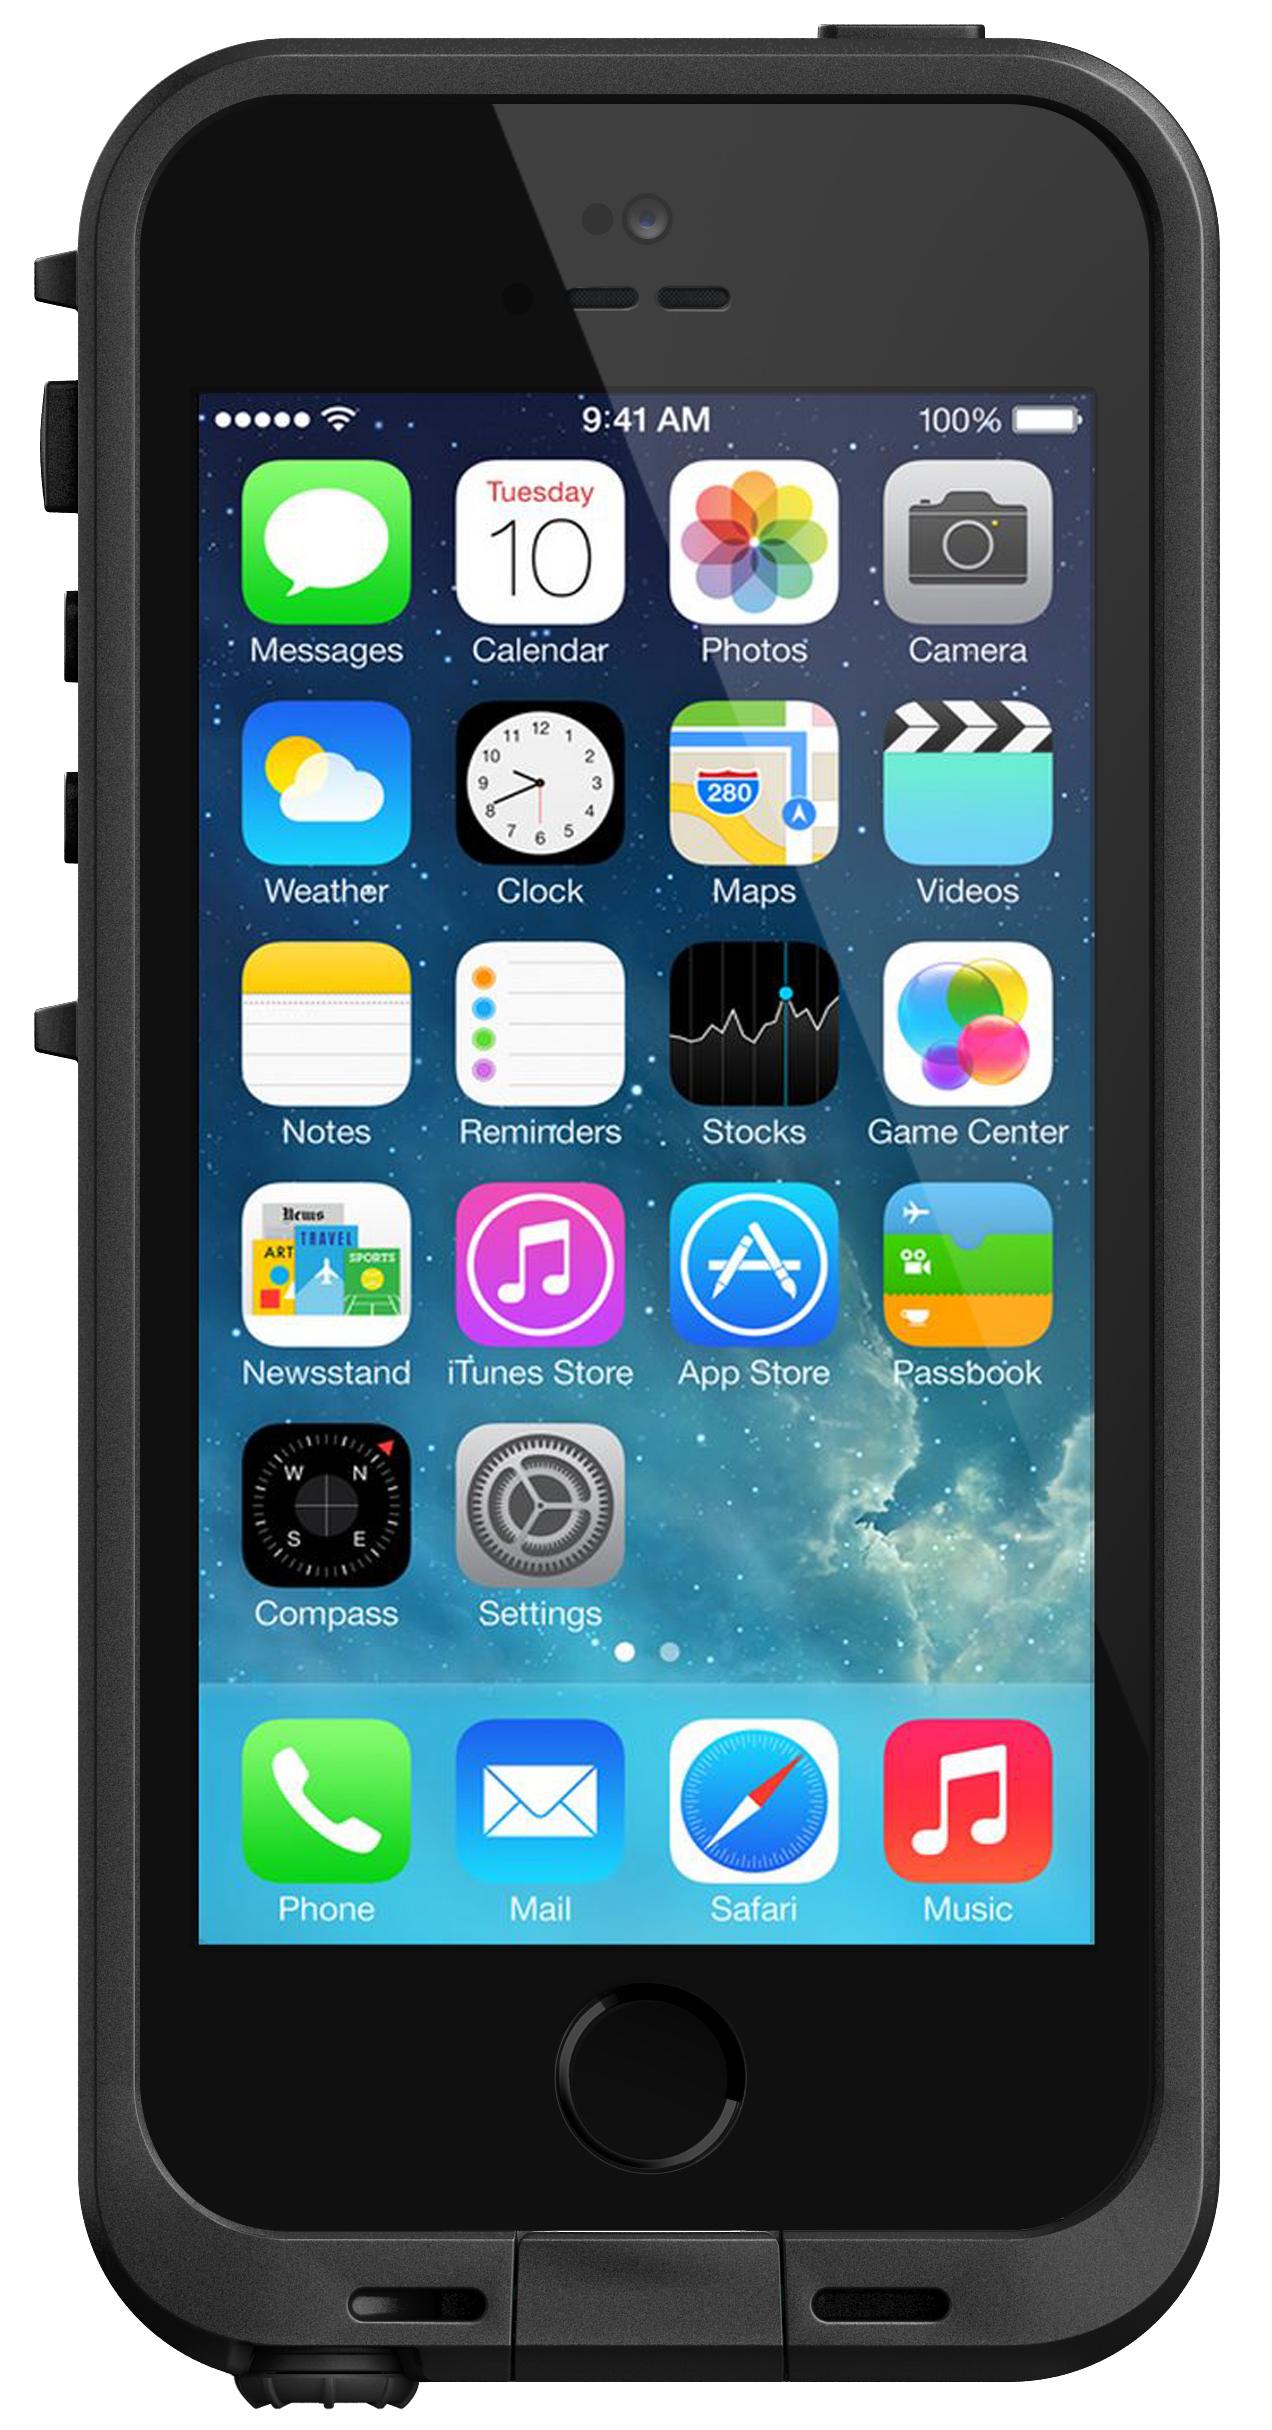 Lifeproof nüüd iphone 5s 5 case mec